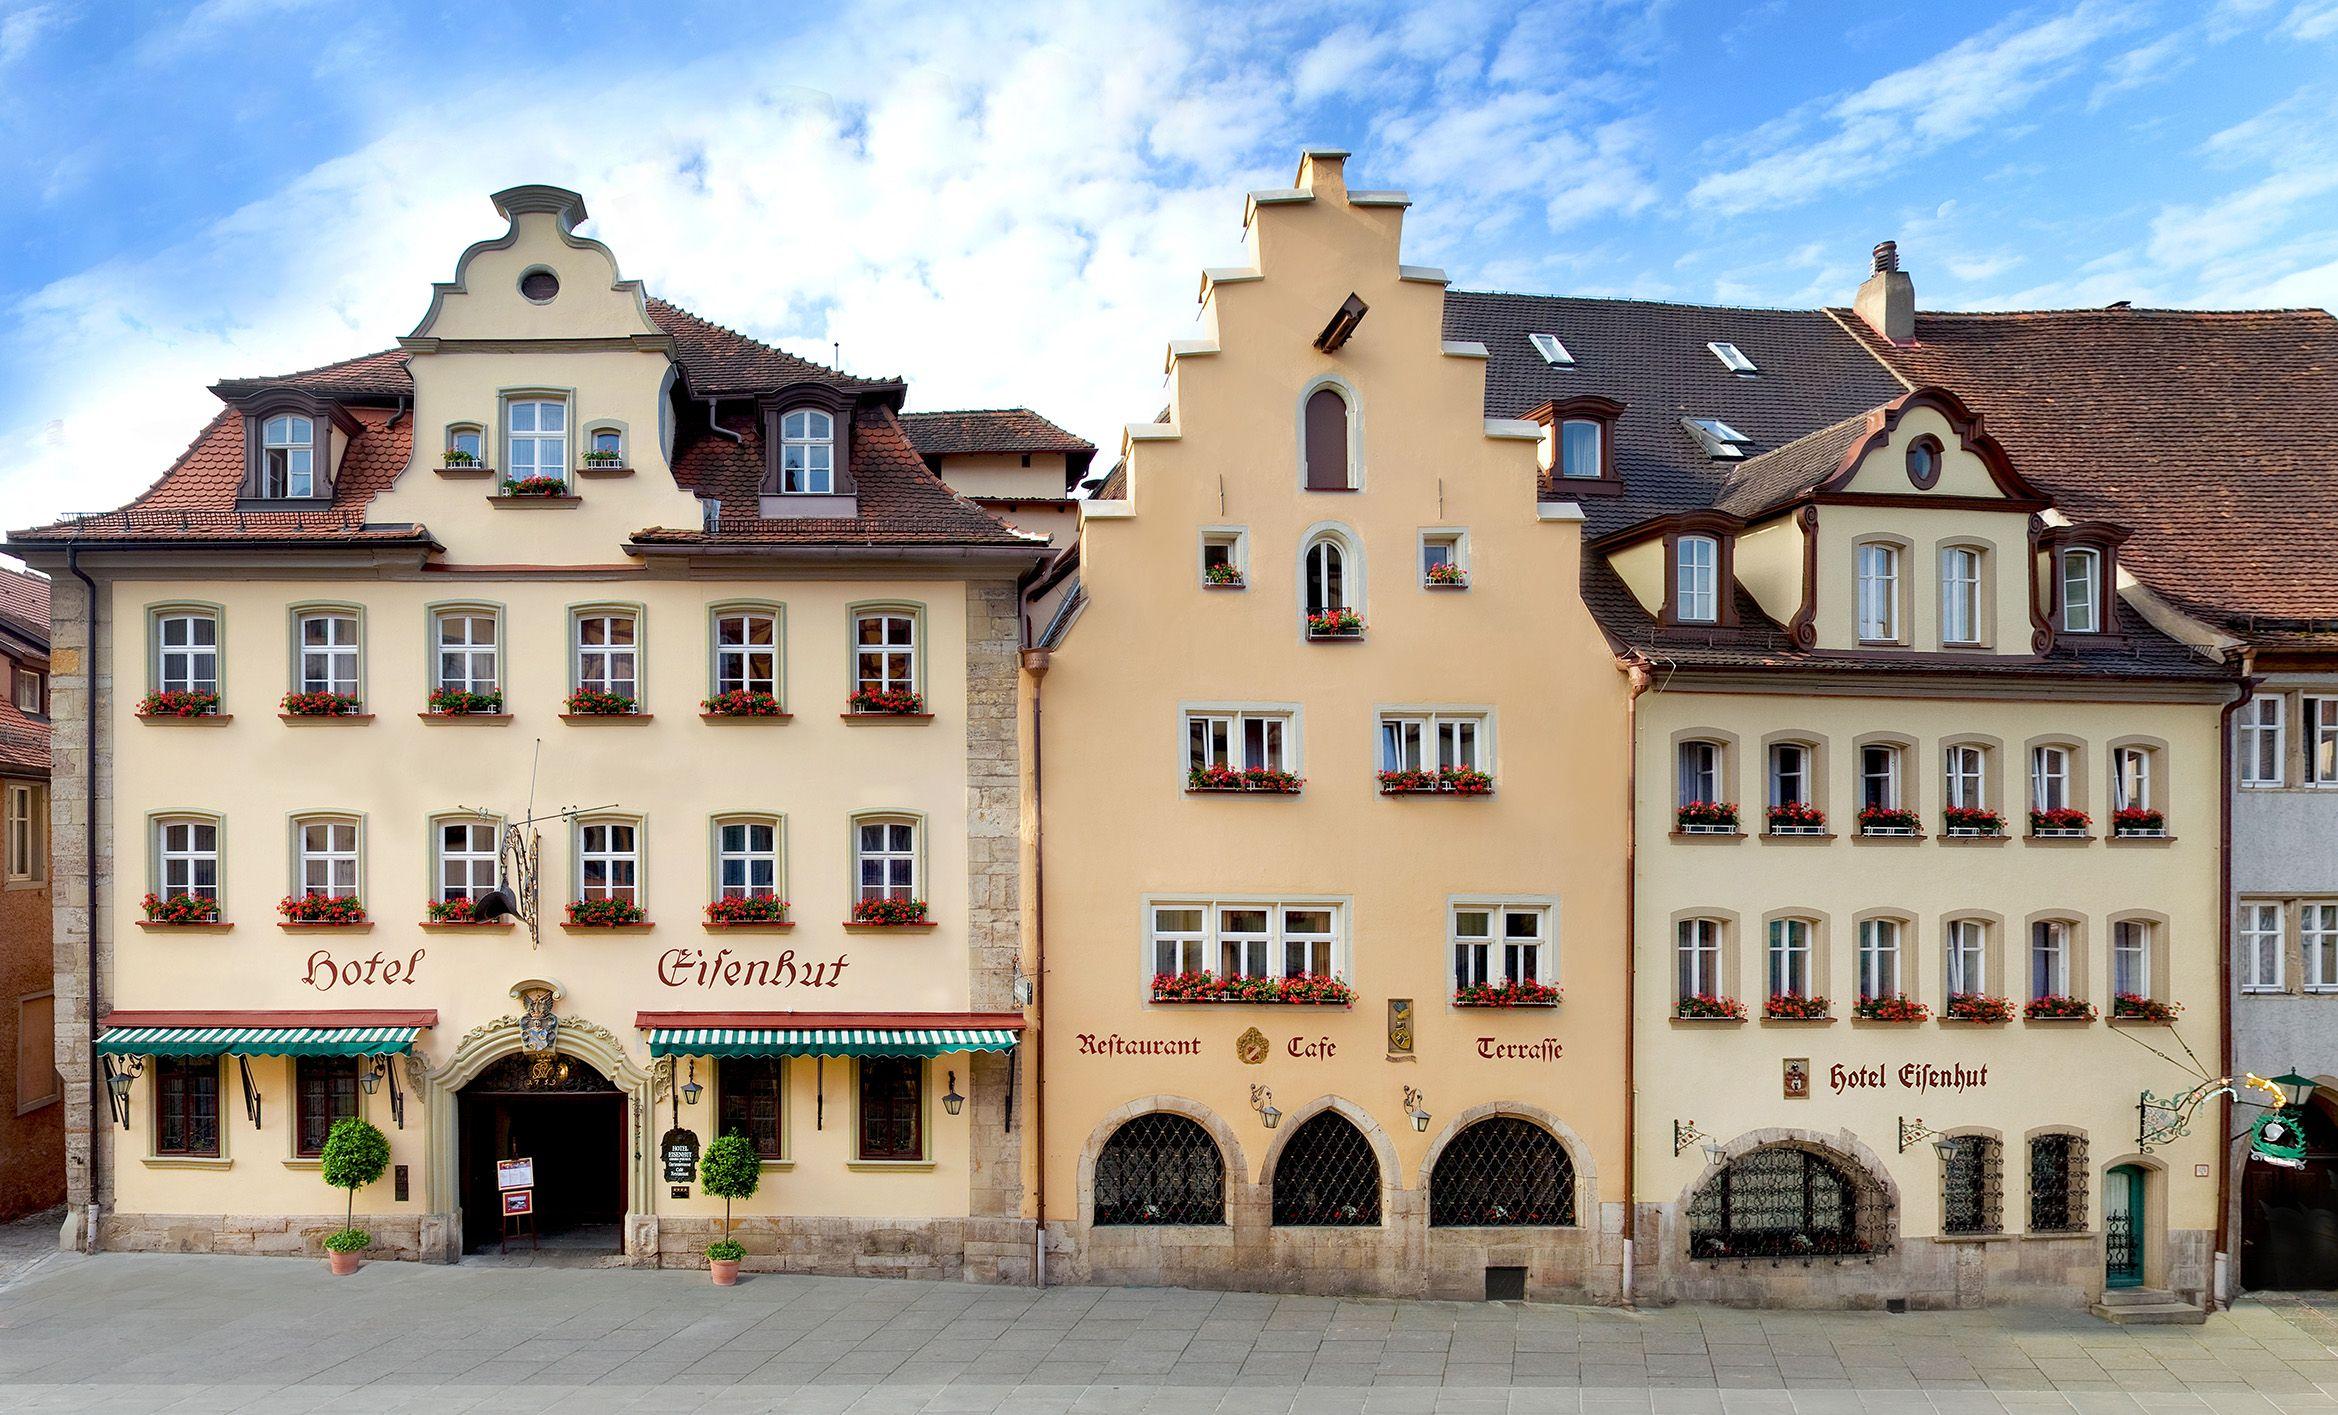 Related Image Eisenhut Hotel Hotels